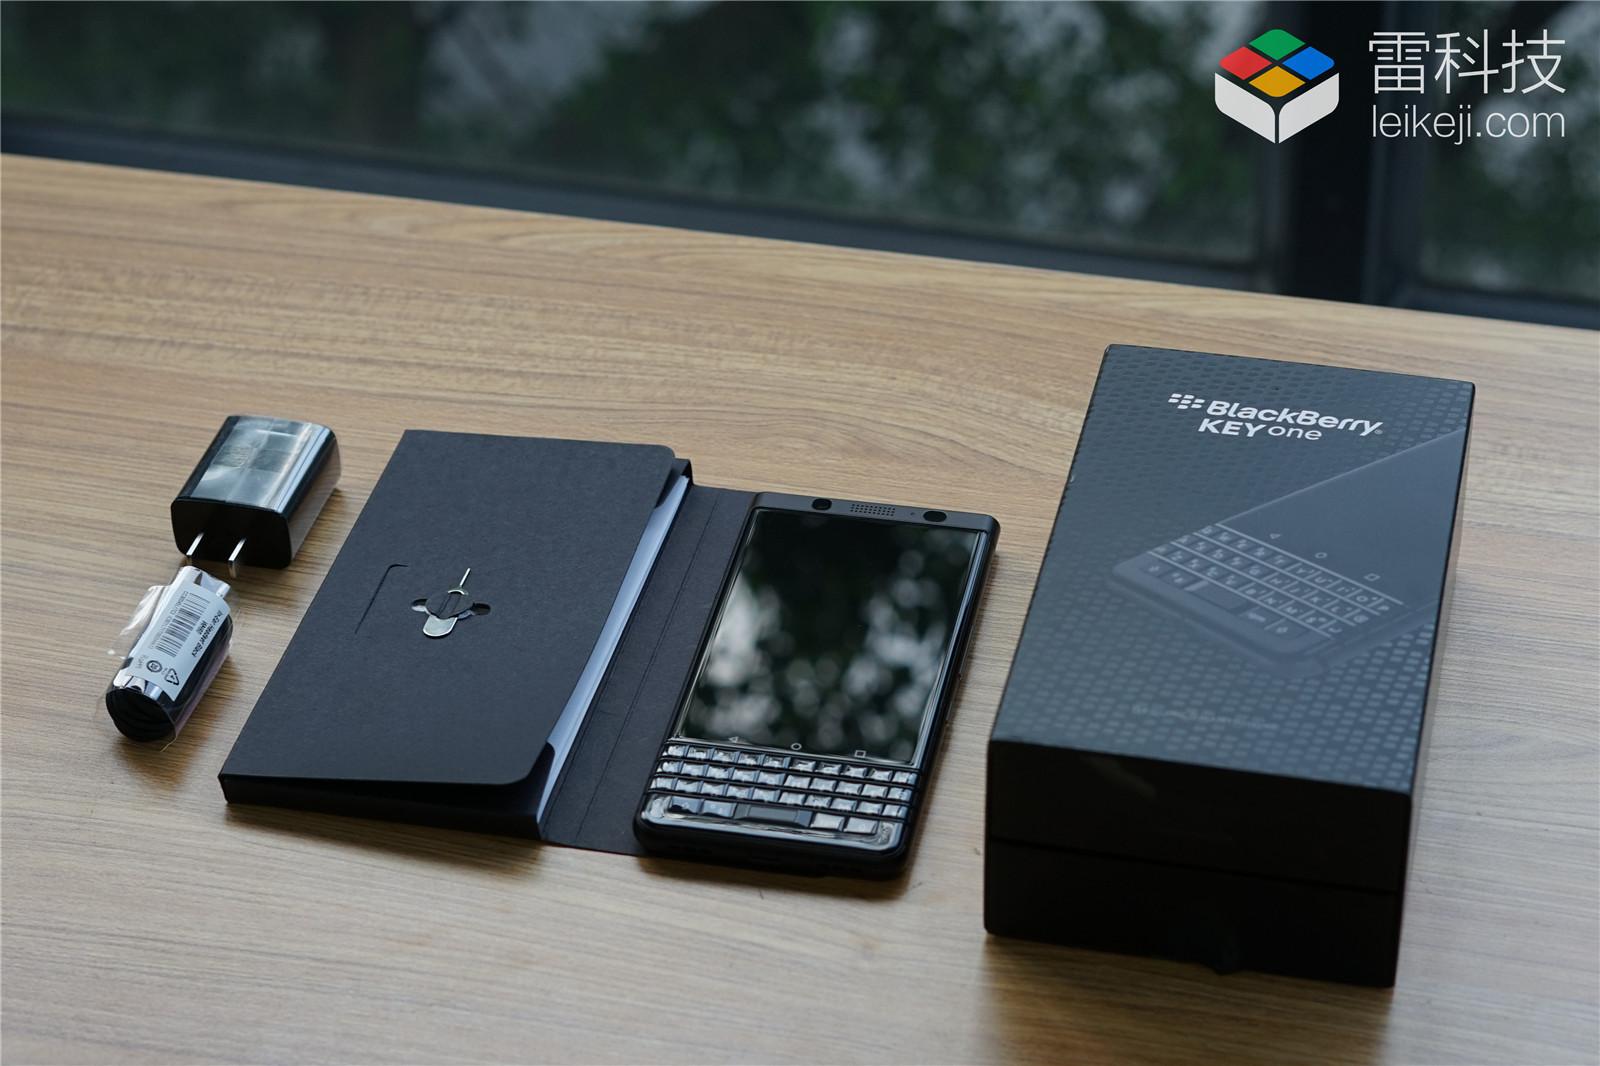 安卓8.0系统要烂大街了?现在黑莓KEYone也将迎来更新